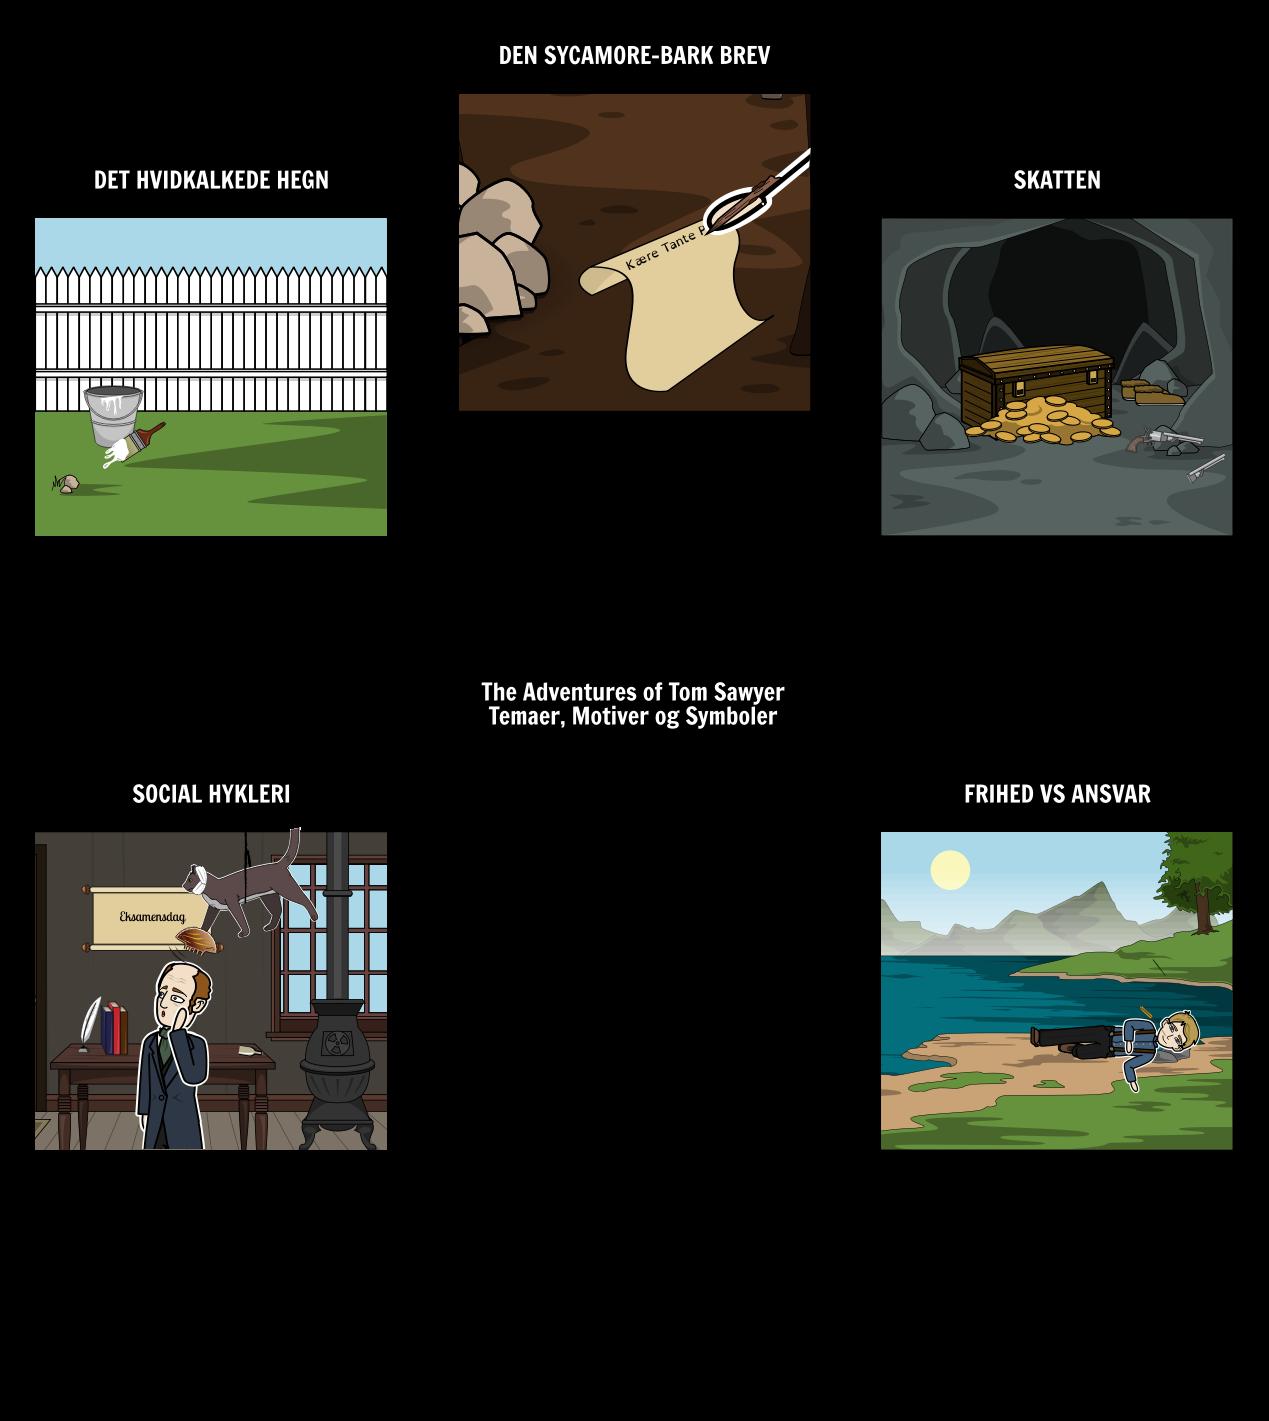 The Adventures of Tom Sawyer Temaer, Motiver og Symboler